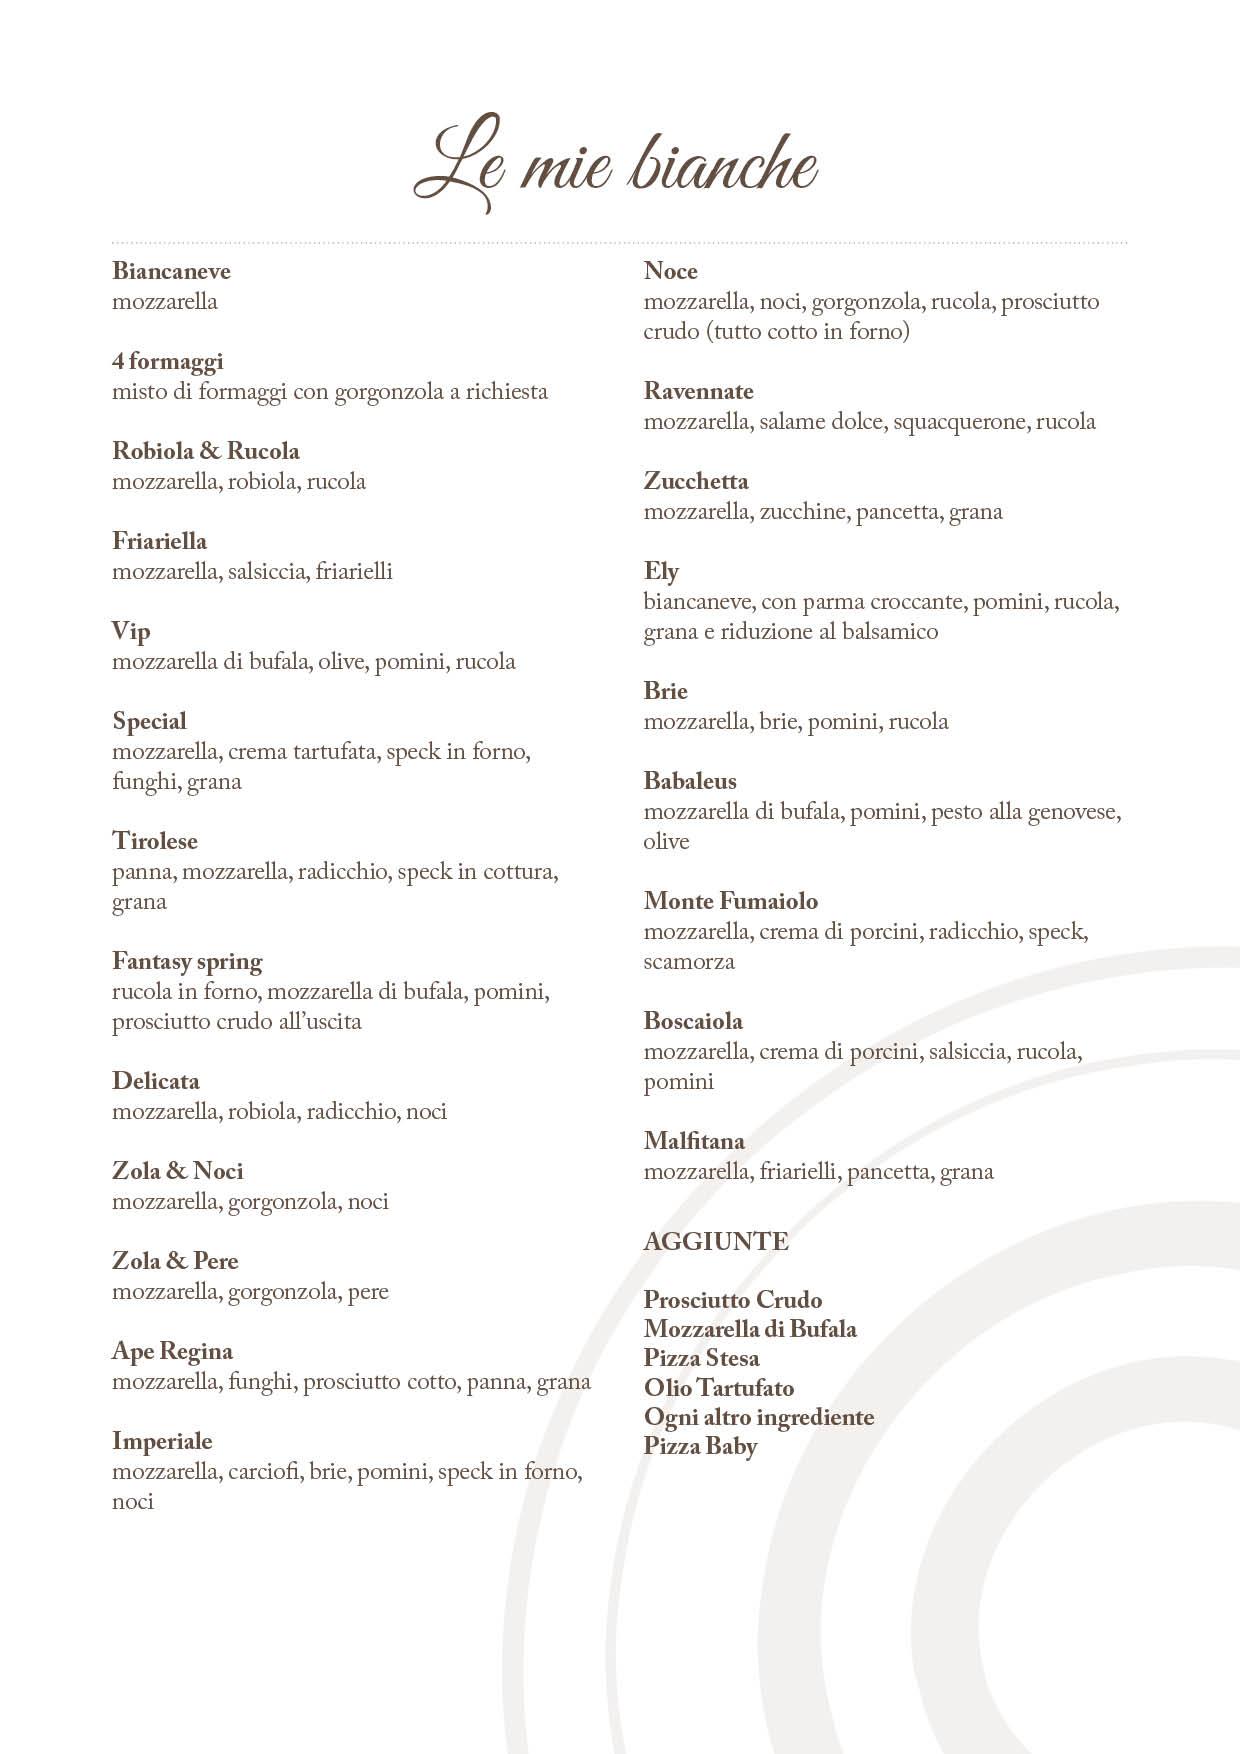 letradizioni-nick-menu-2017-low17